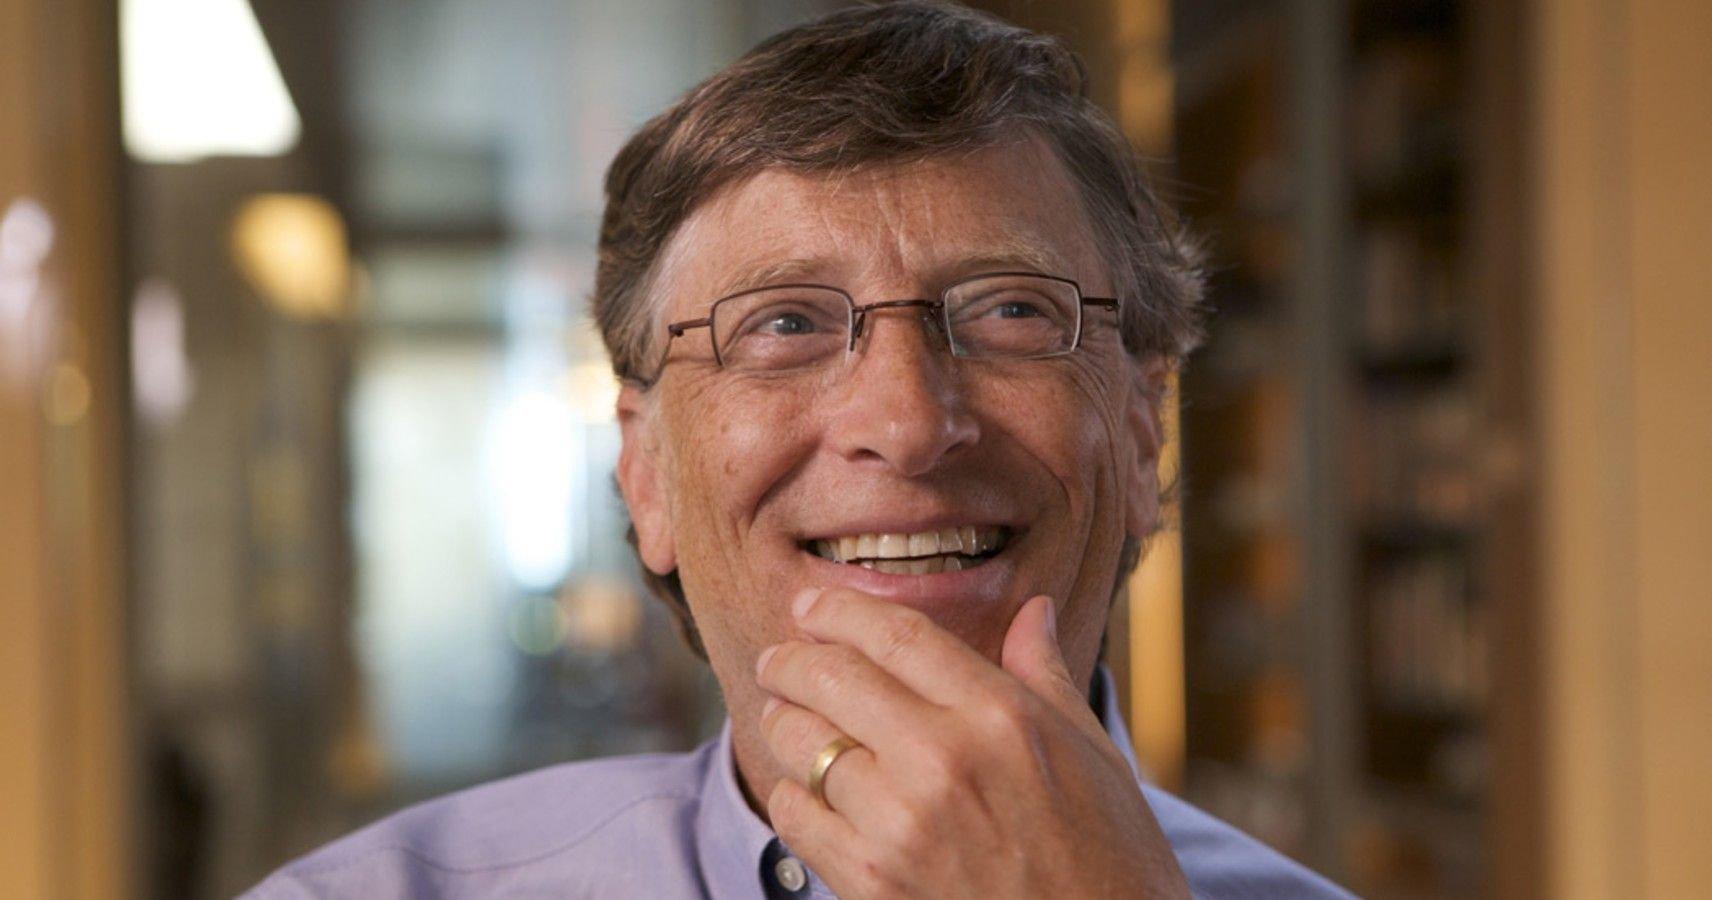 The Wealthiest Man In History Still Worth Thrice Bill Gates In 2021